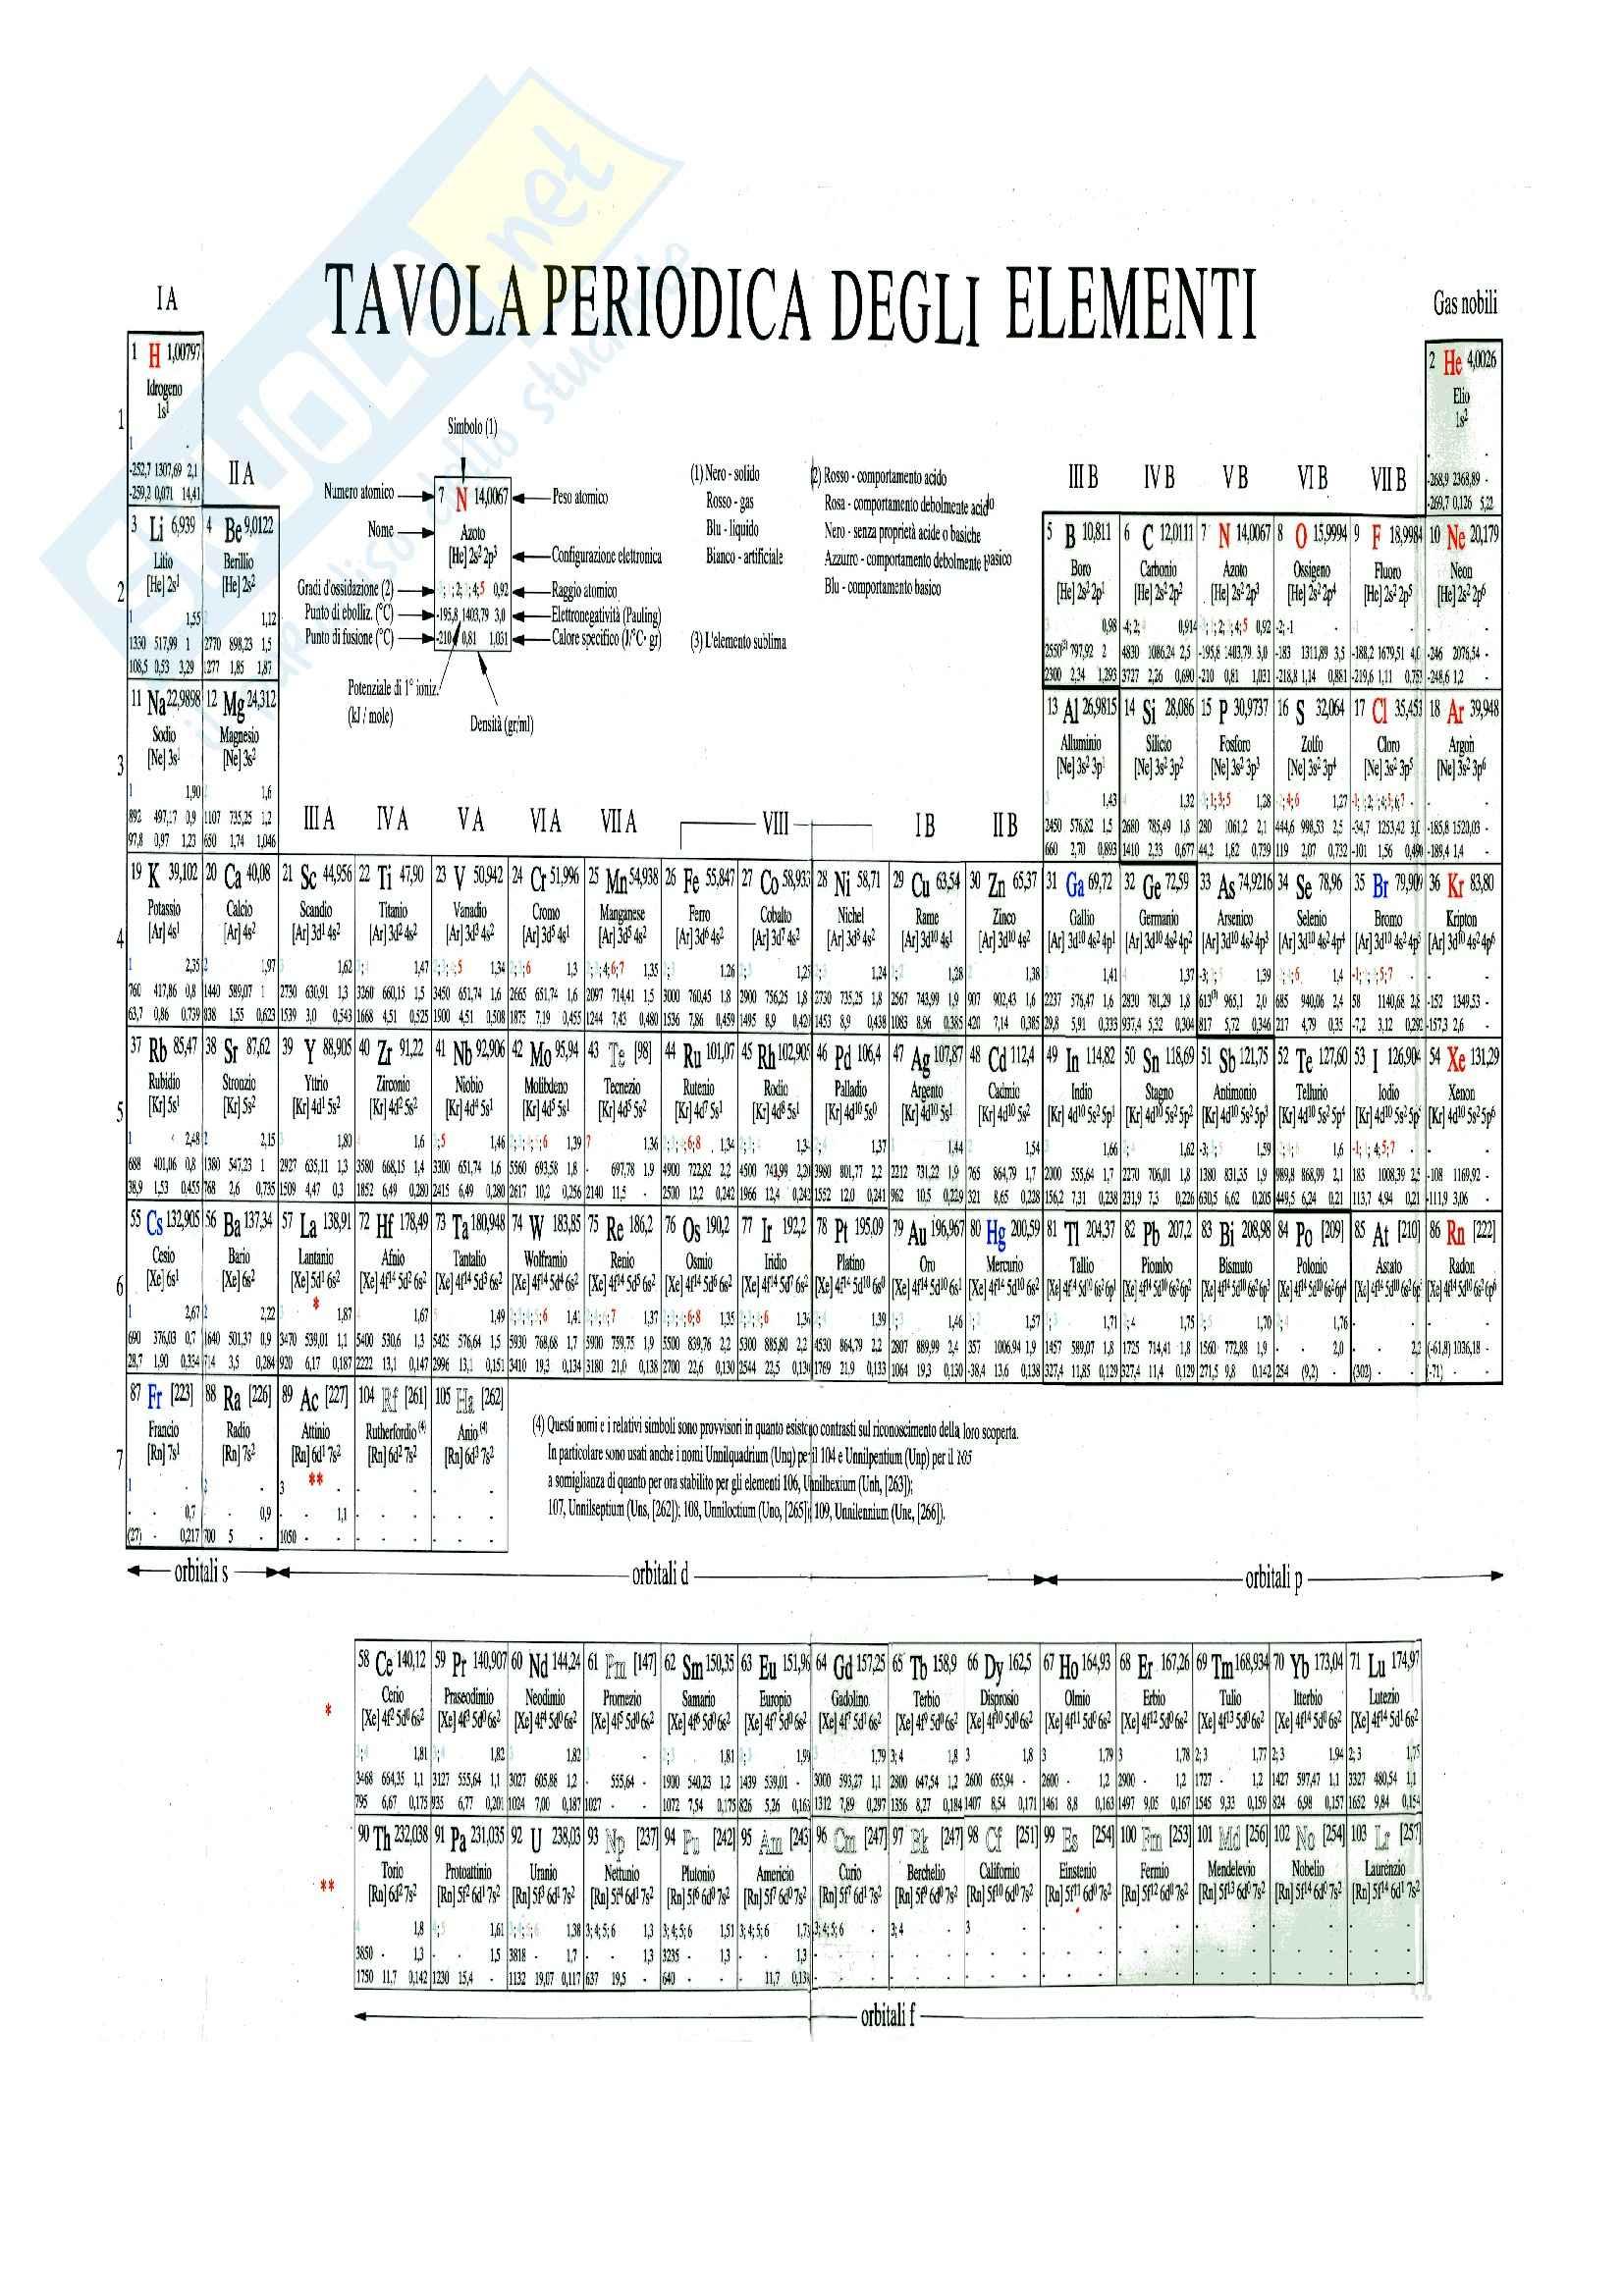 Chimica - tavola periodica degli elementi